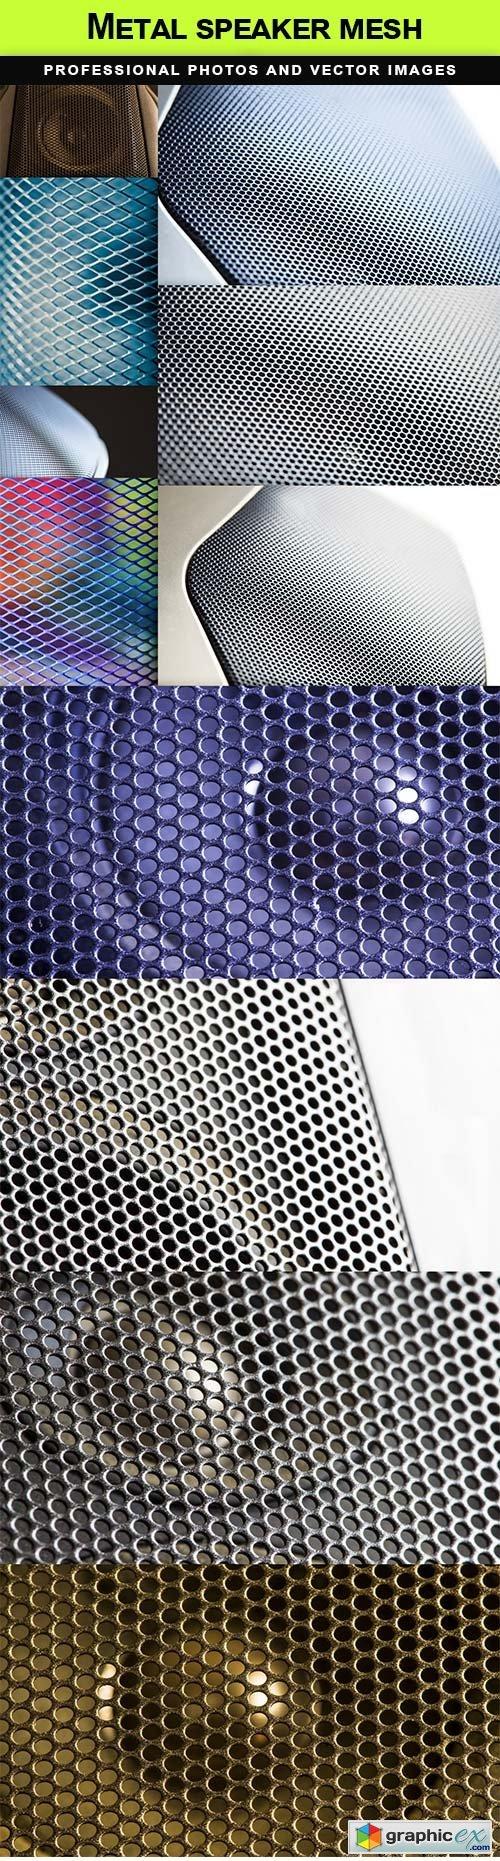 Metal speaker mesh